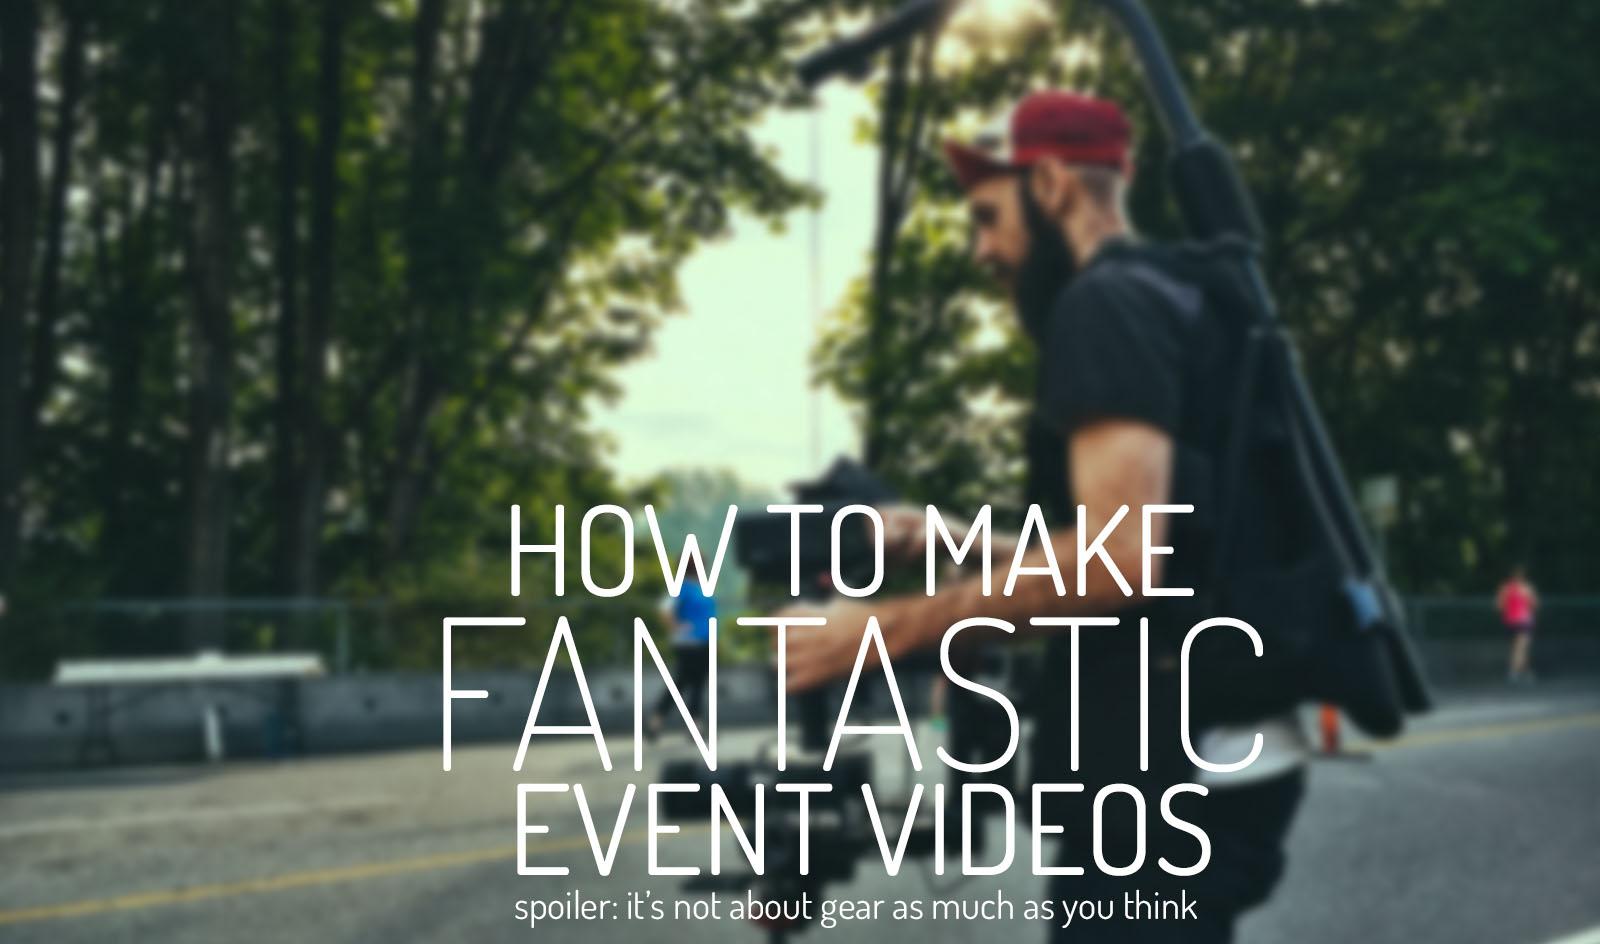 MakingAwesomeEventVideos_title.jpg